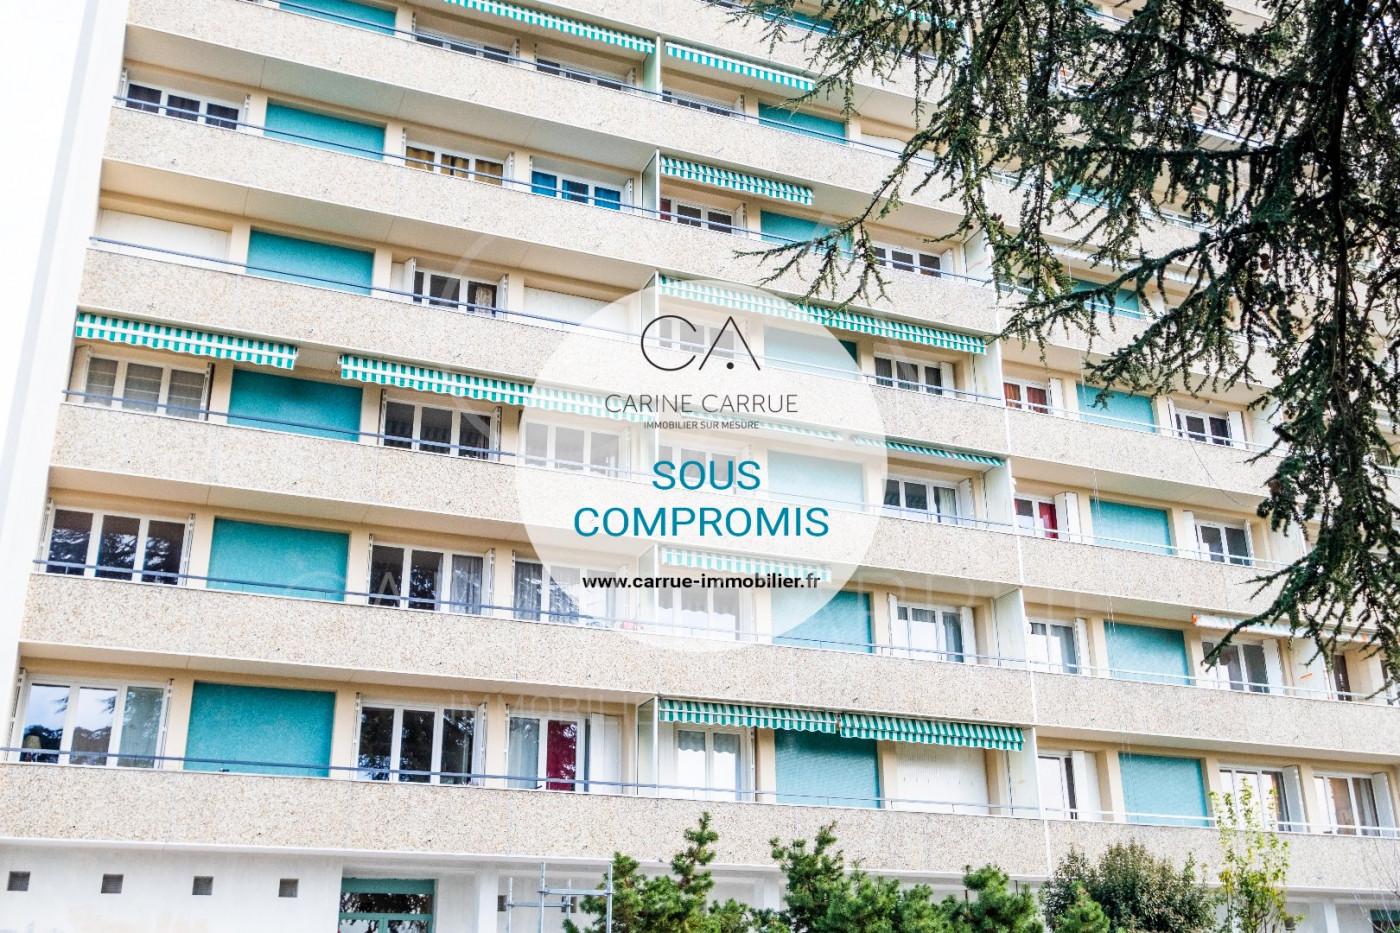 A vendre  Lyon 5eme Arrondissement   Réf 6902455 - Carrue immobilier